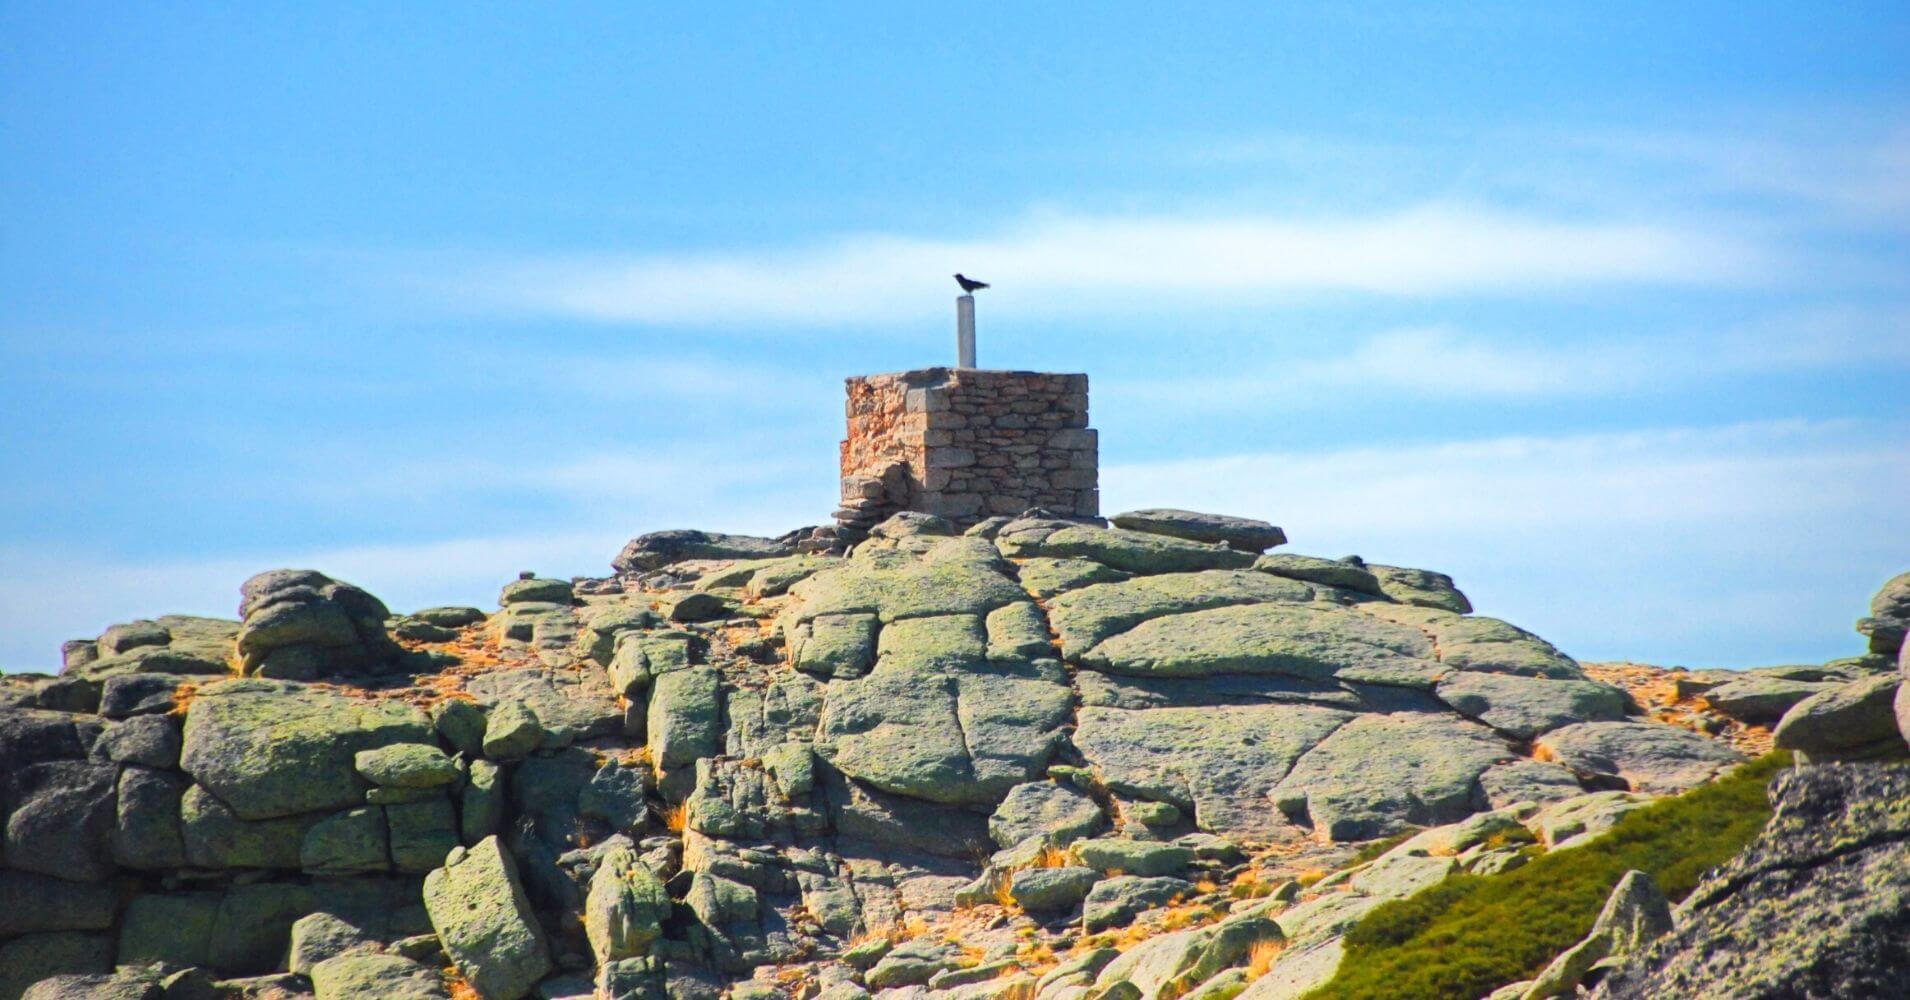 El Torreón. Sierra de Béjar. Candelario, Castilla y León.